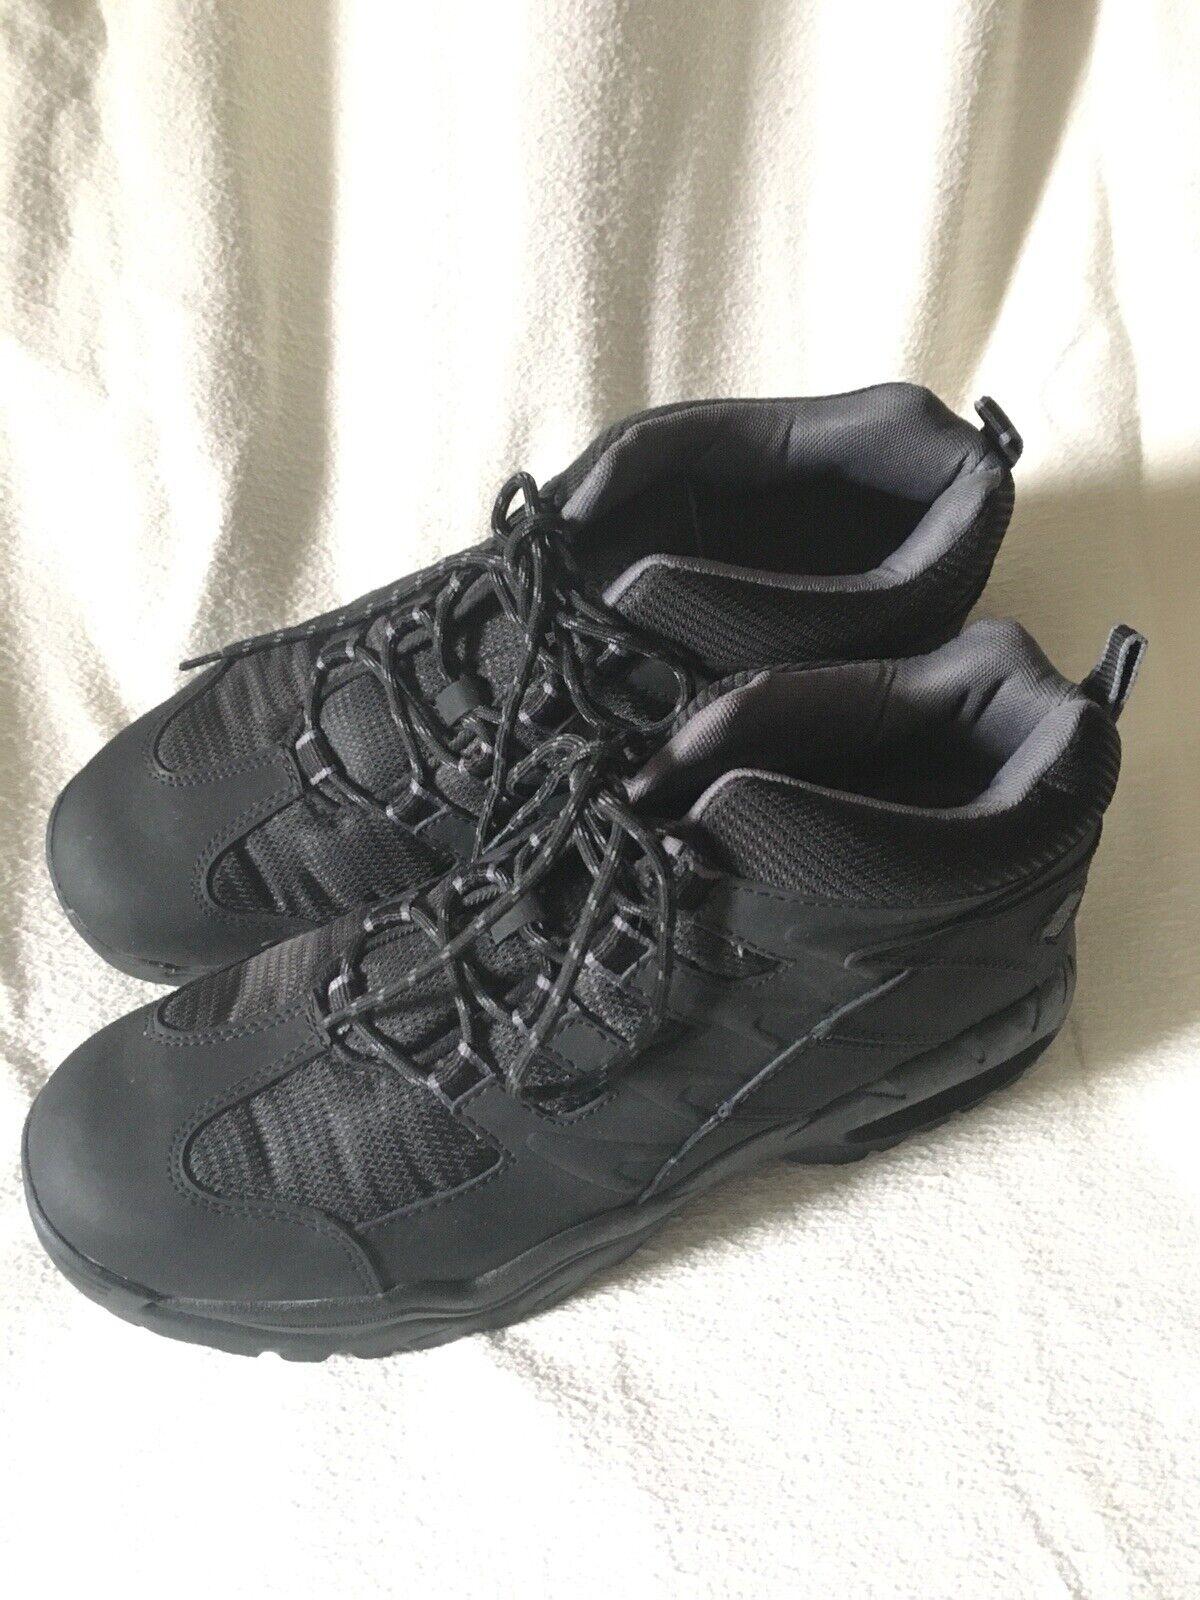 Harley Davidson botas de travesía para hombre Jett Cuero. 94350 tamaño 13 M